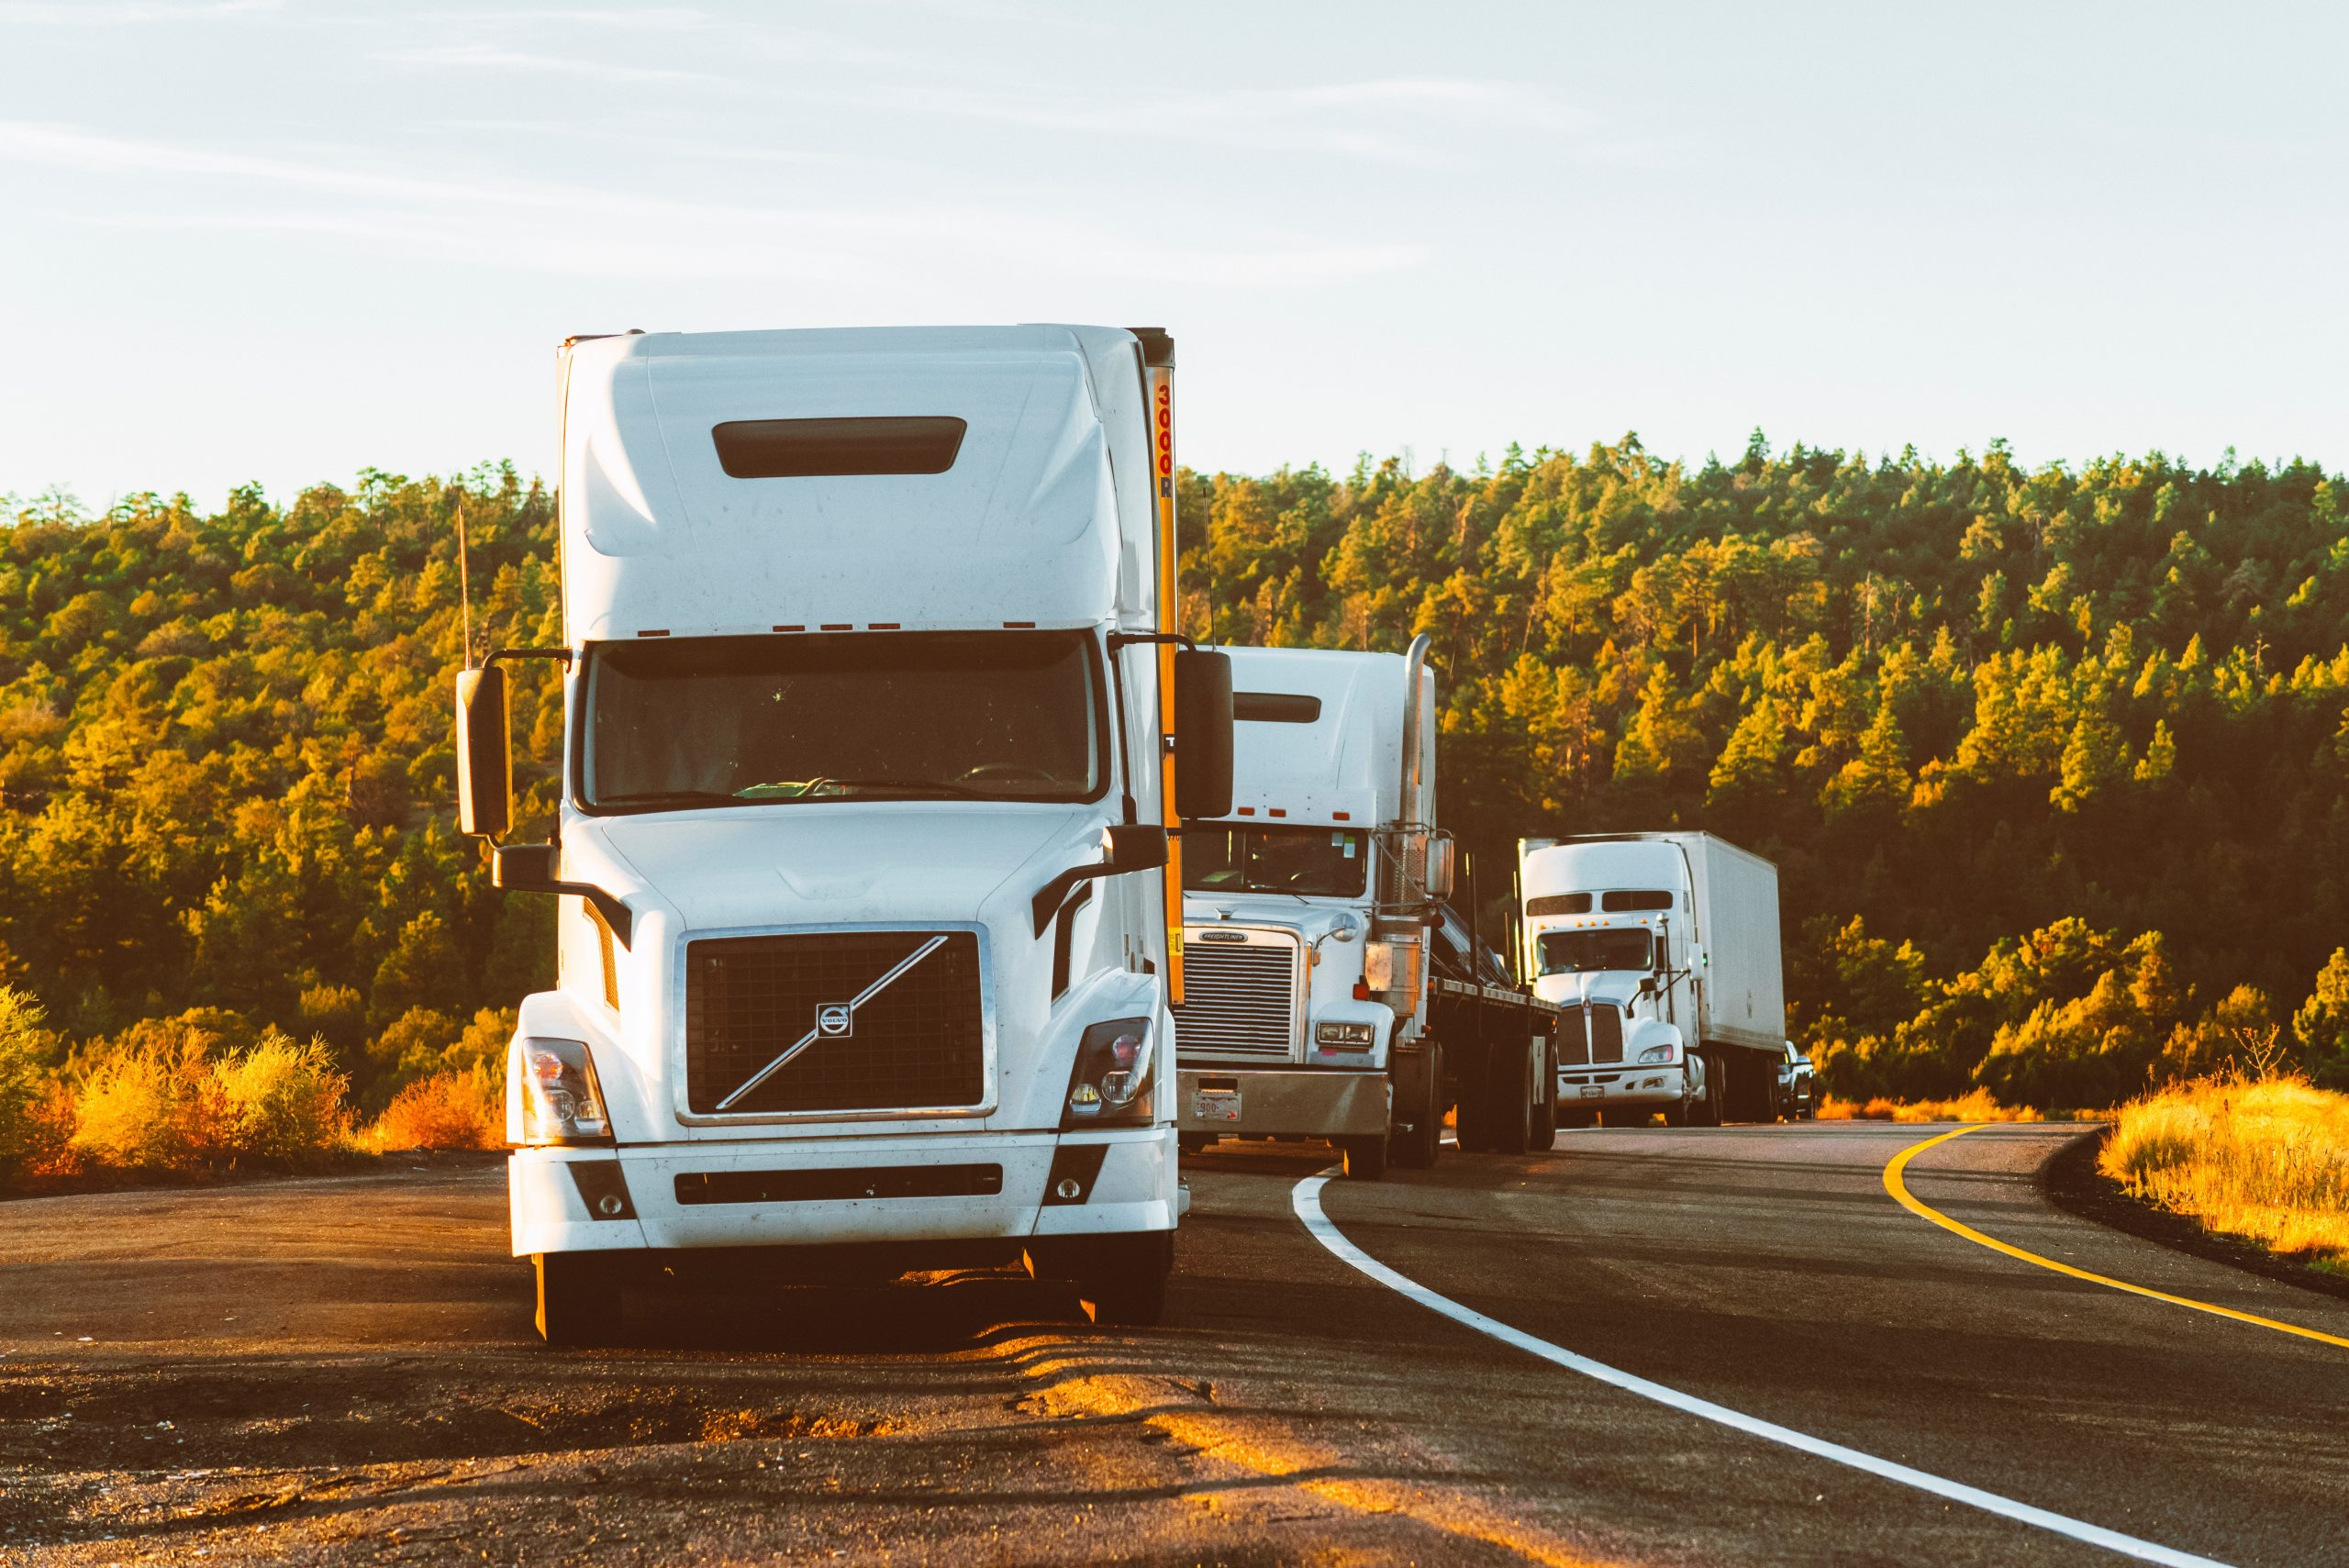 Camión | Foto: Pexels.com